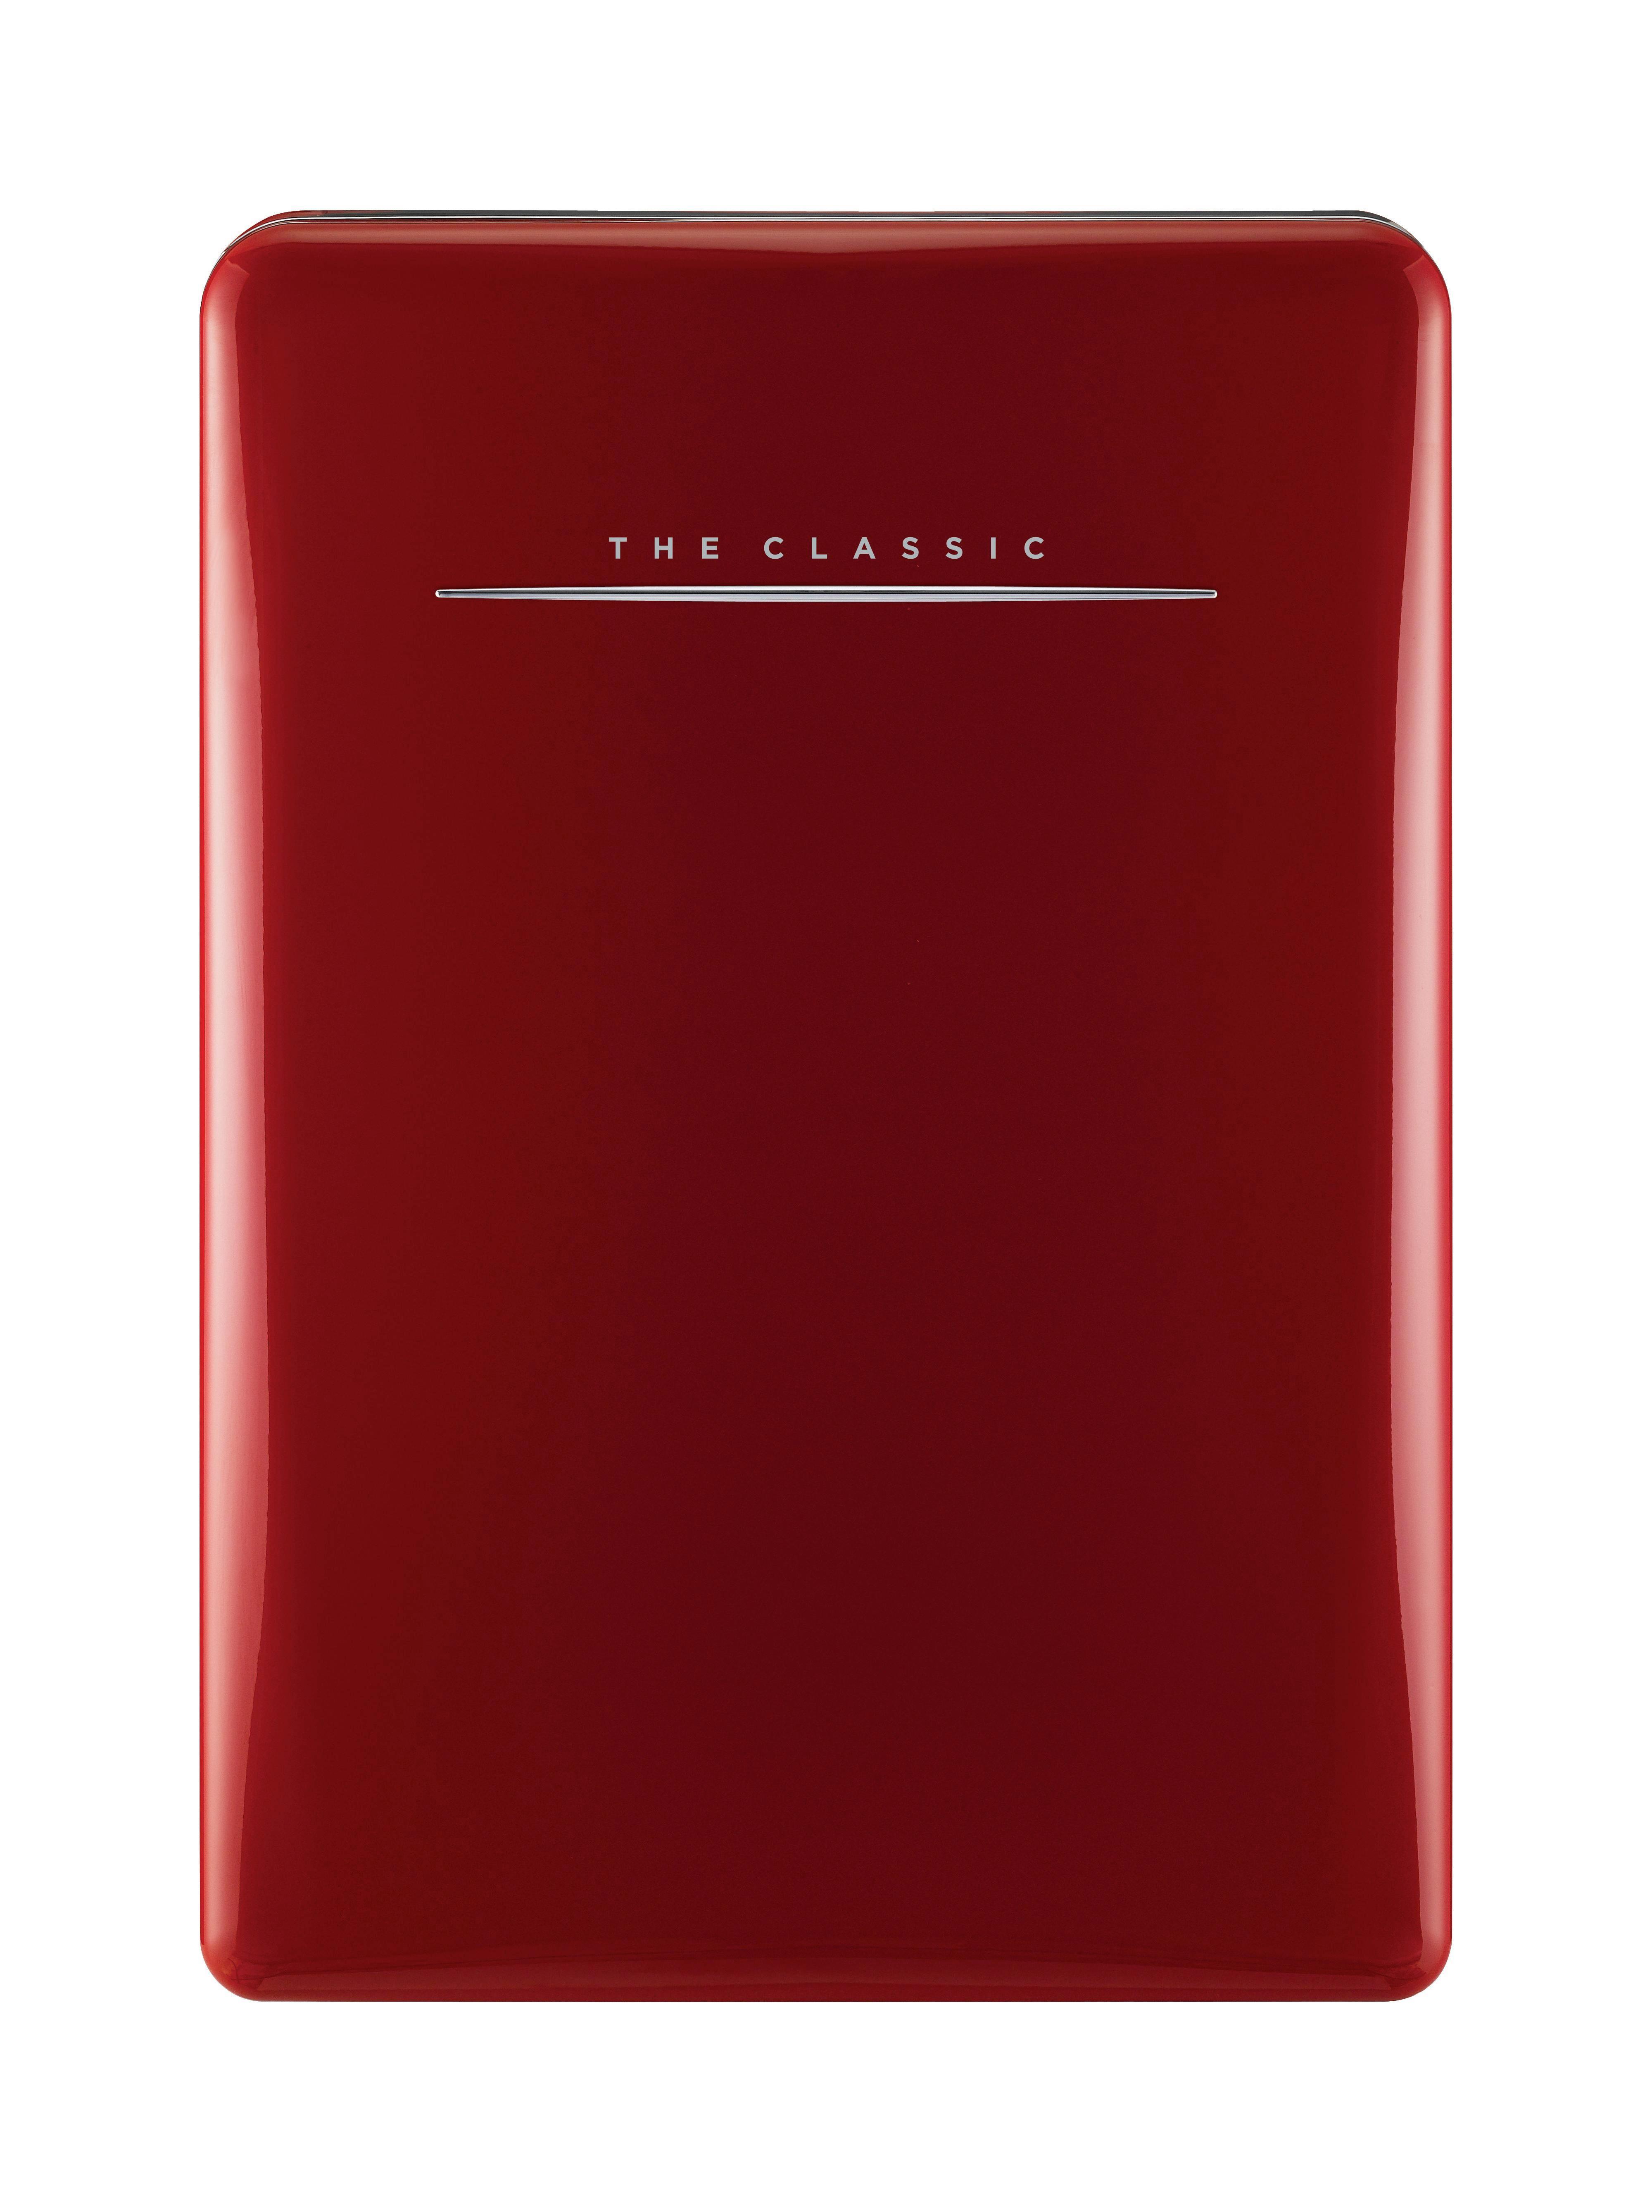 Retro Kühlschrank Severin : Bikitchen kühlschrank retro cool rot online kaufen ➤ möbelix